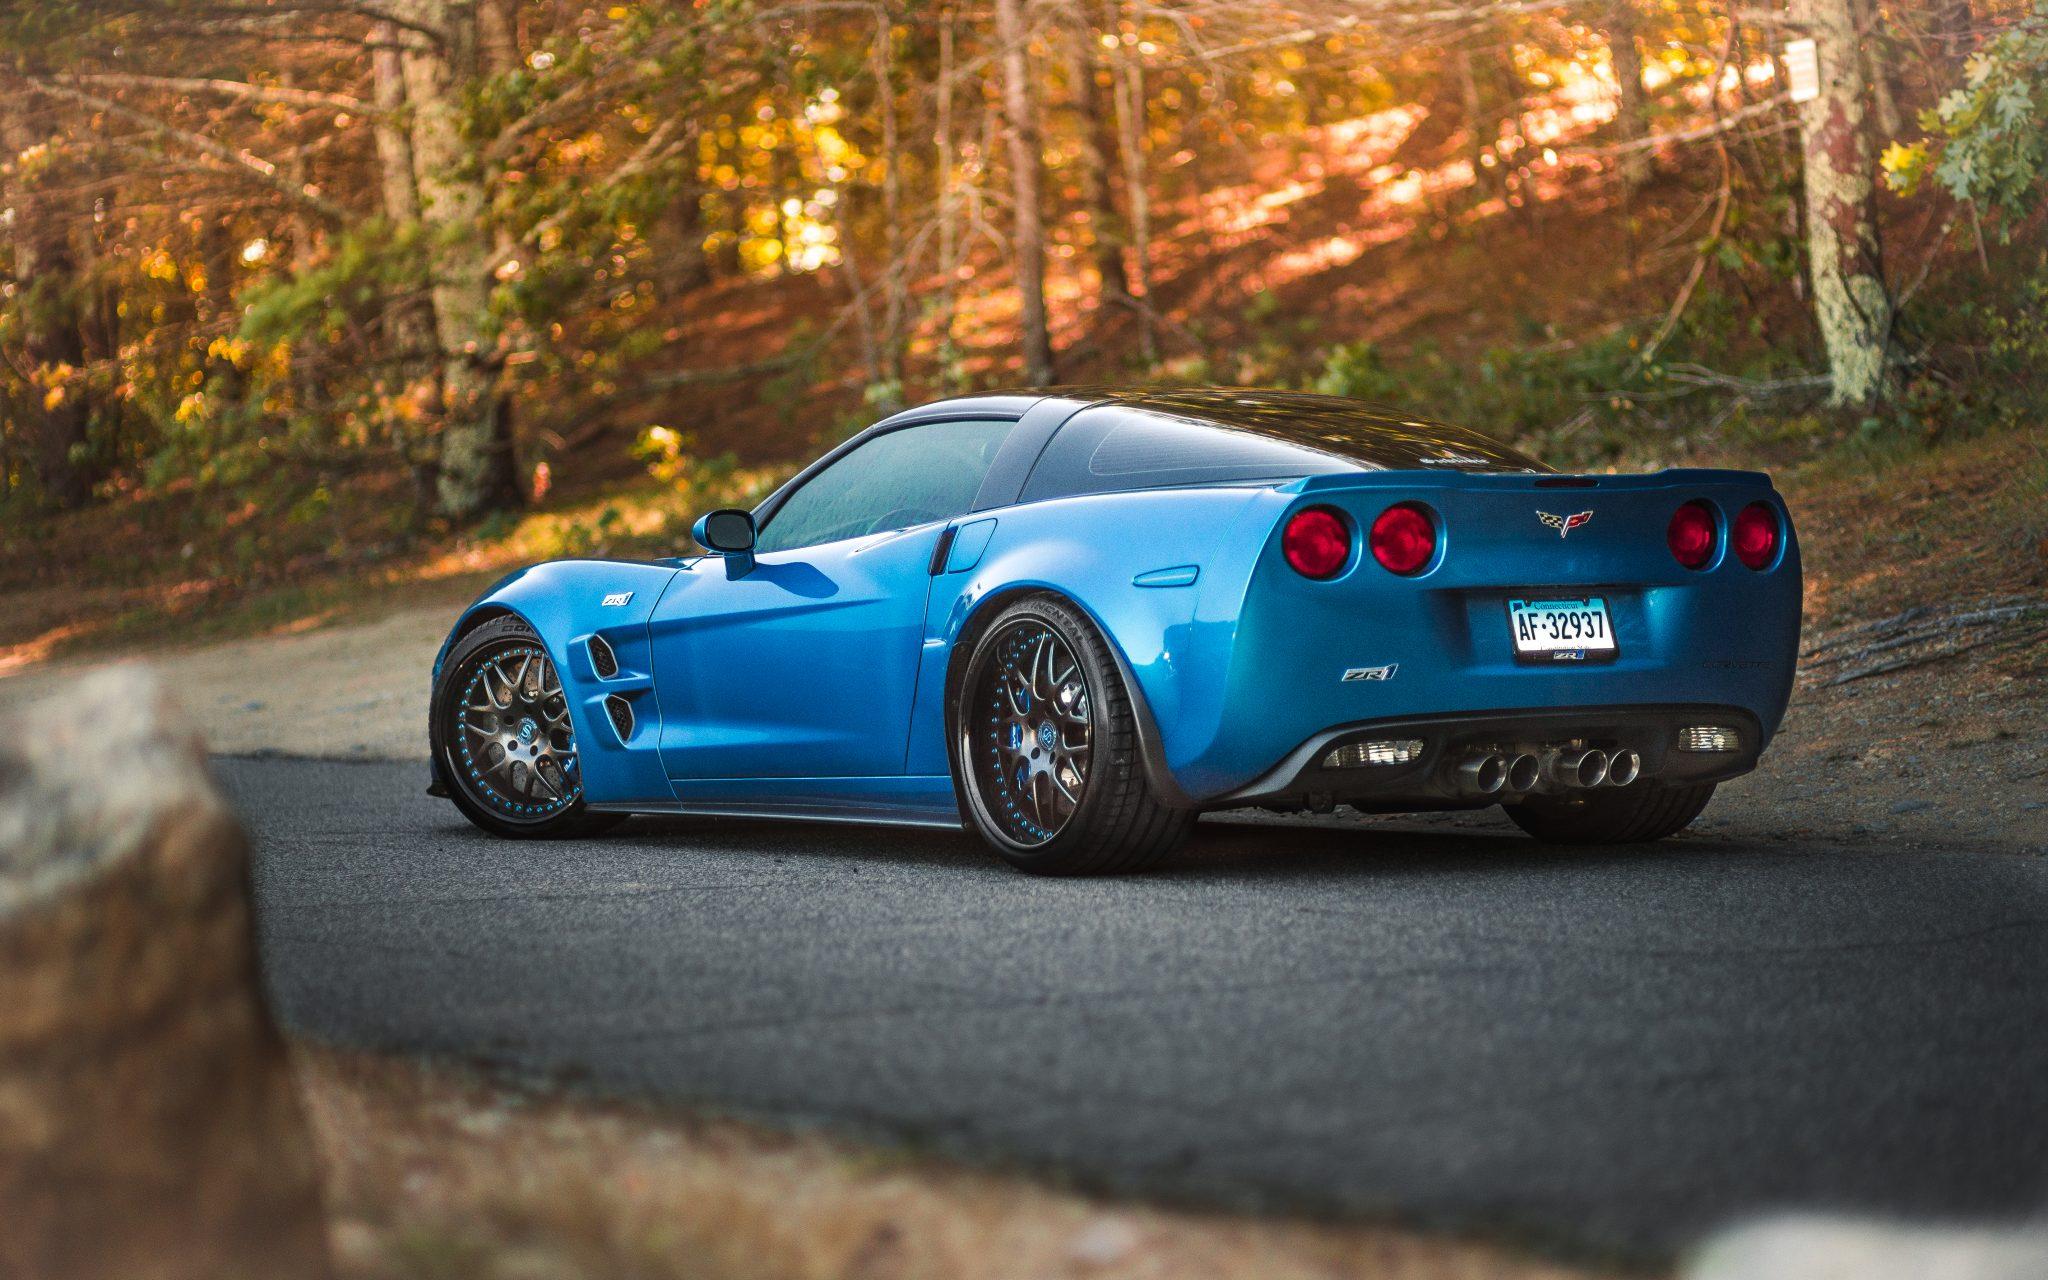 Kelebihan Corvette C6 Zr1 Perbandingan Harga